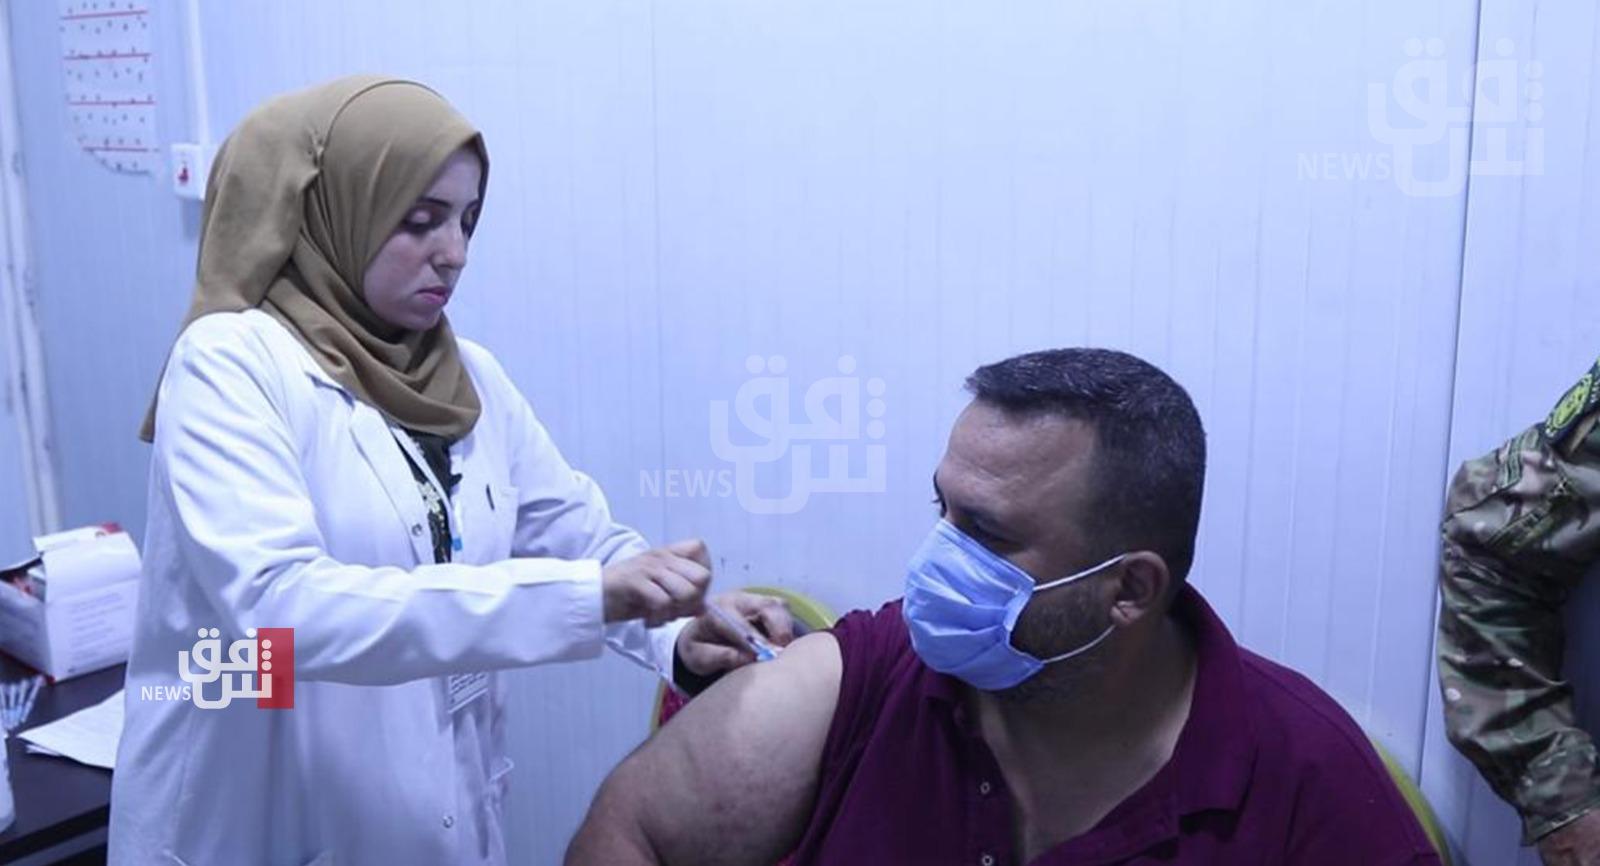 وزارة عراقية تلزم موظفيها بالتطعيم ضد وباء كورونا .. وثيقة